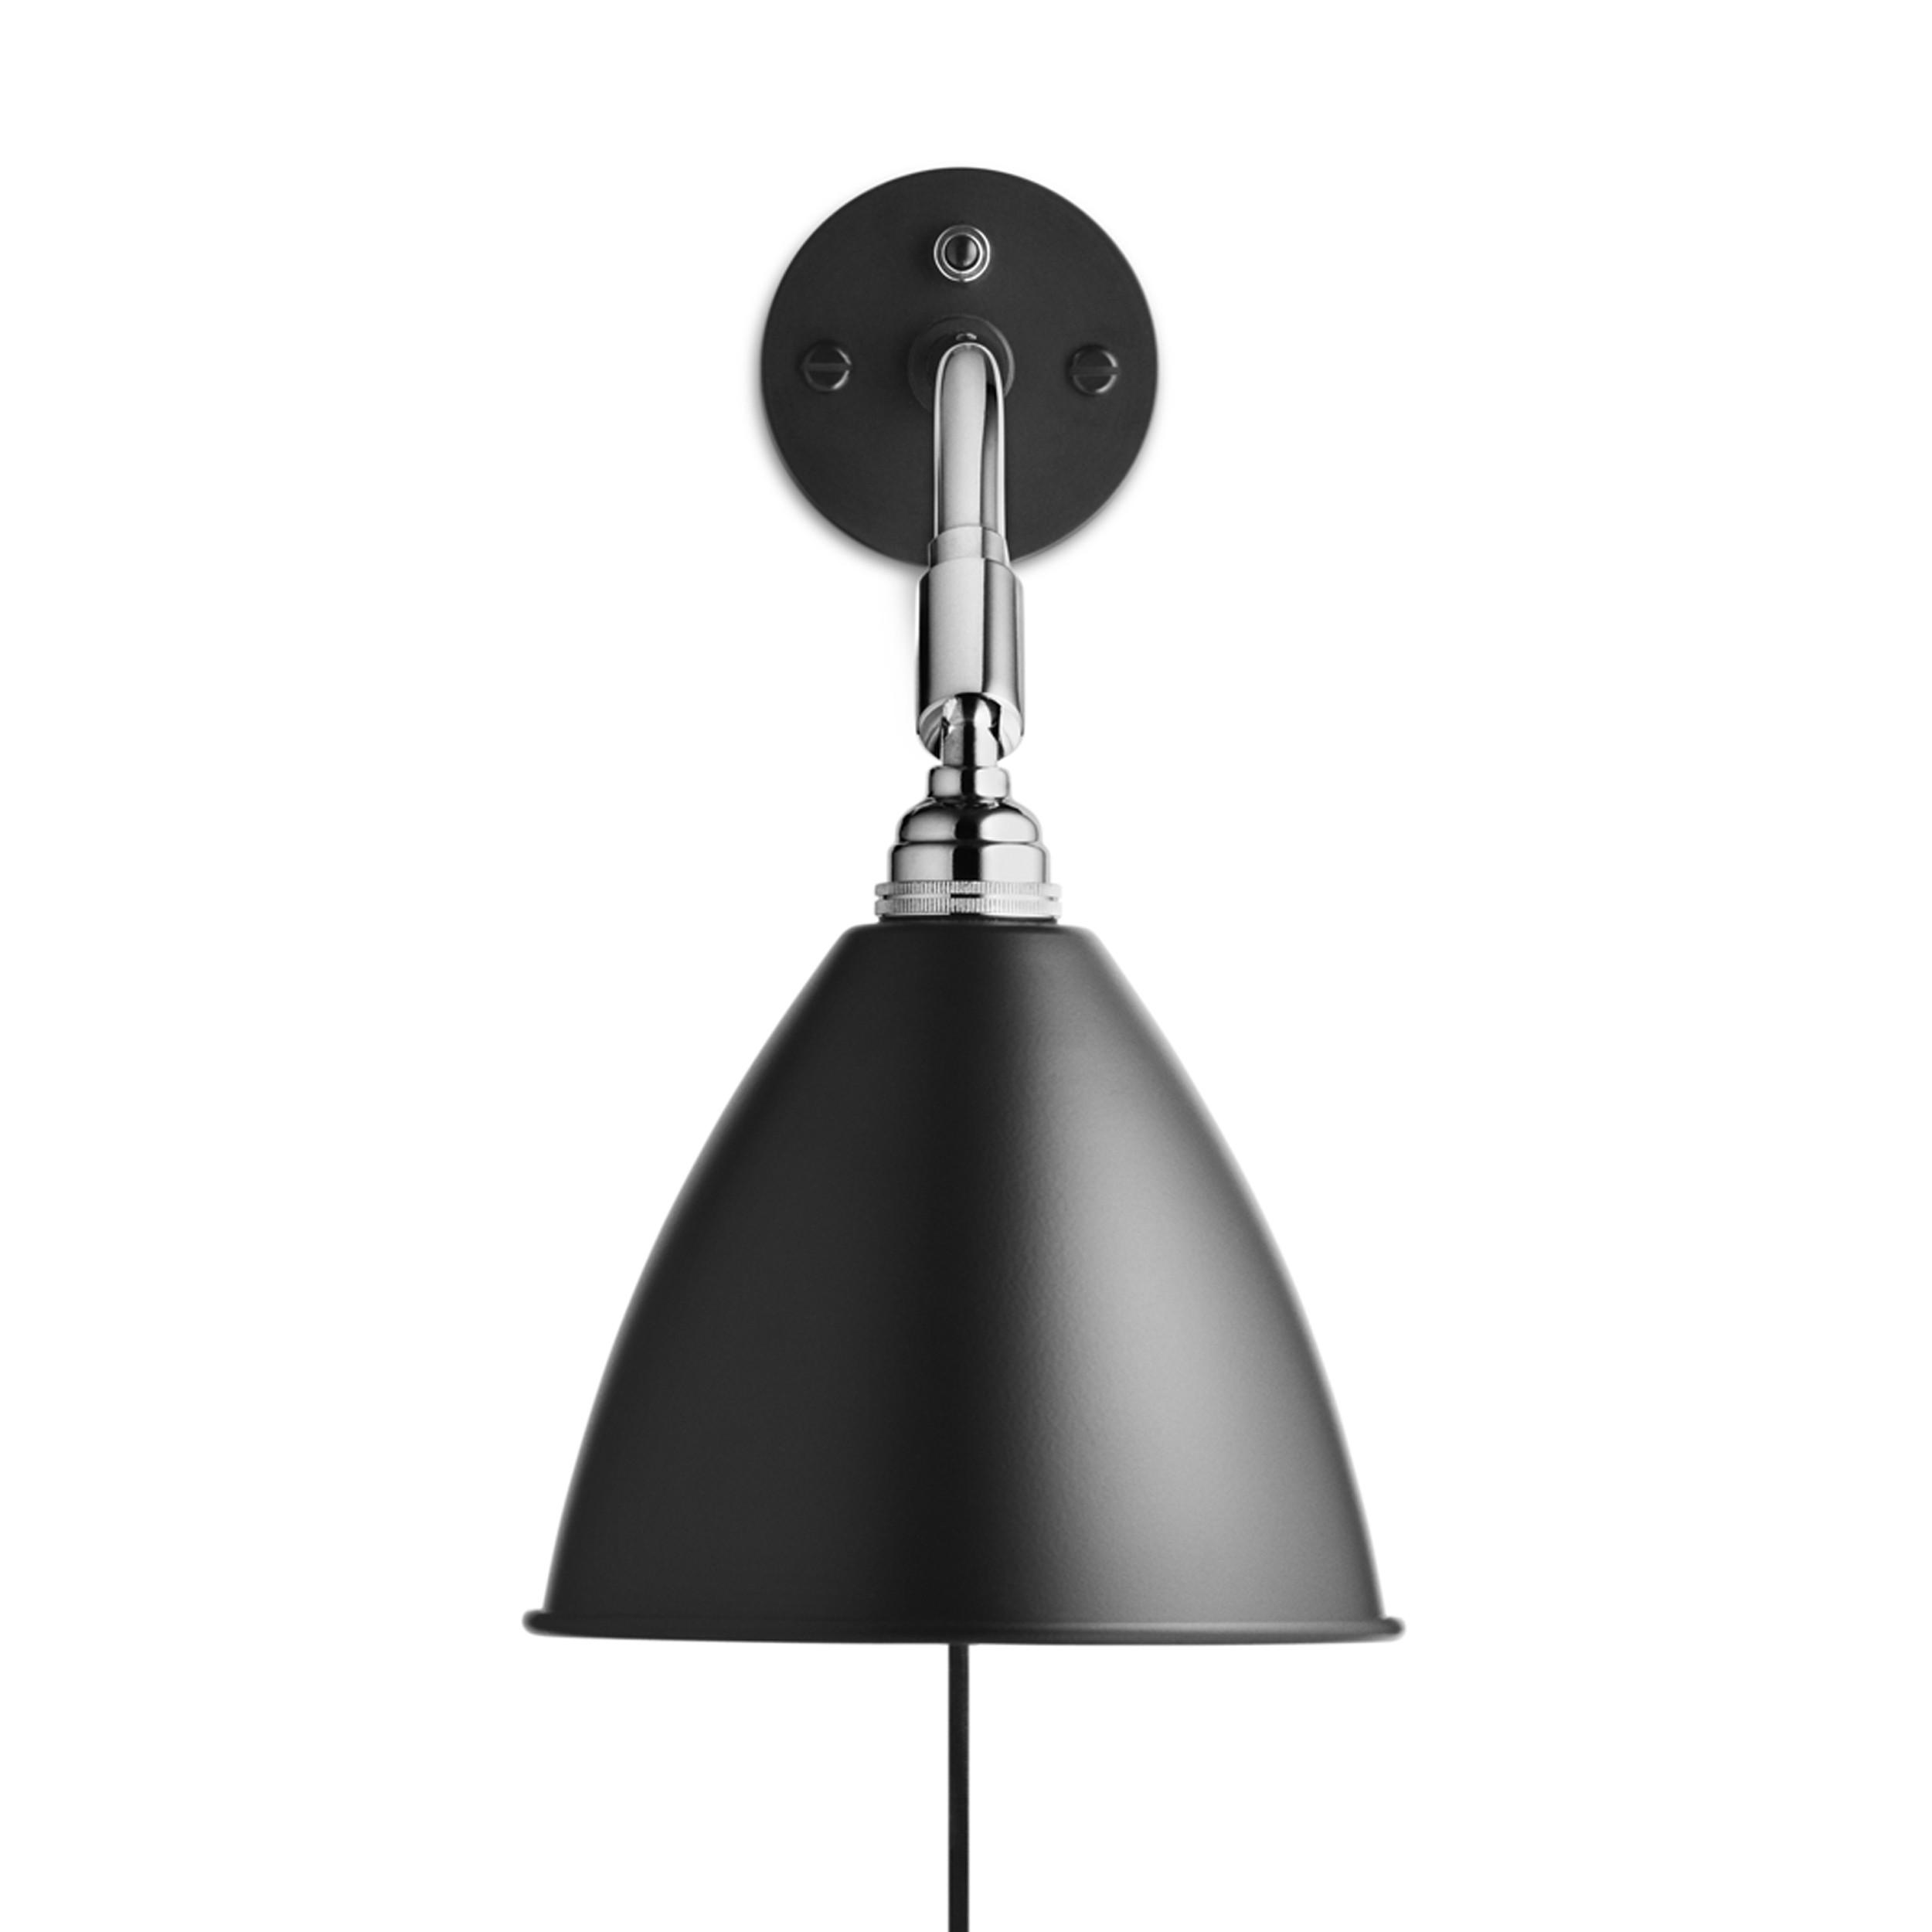 bestlite bl7 wandleuchte mit kabel und stecker a035468. Black Bedroom Furniture Sets. Home Design Ideas